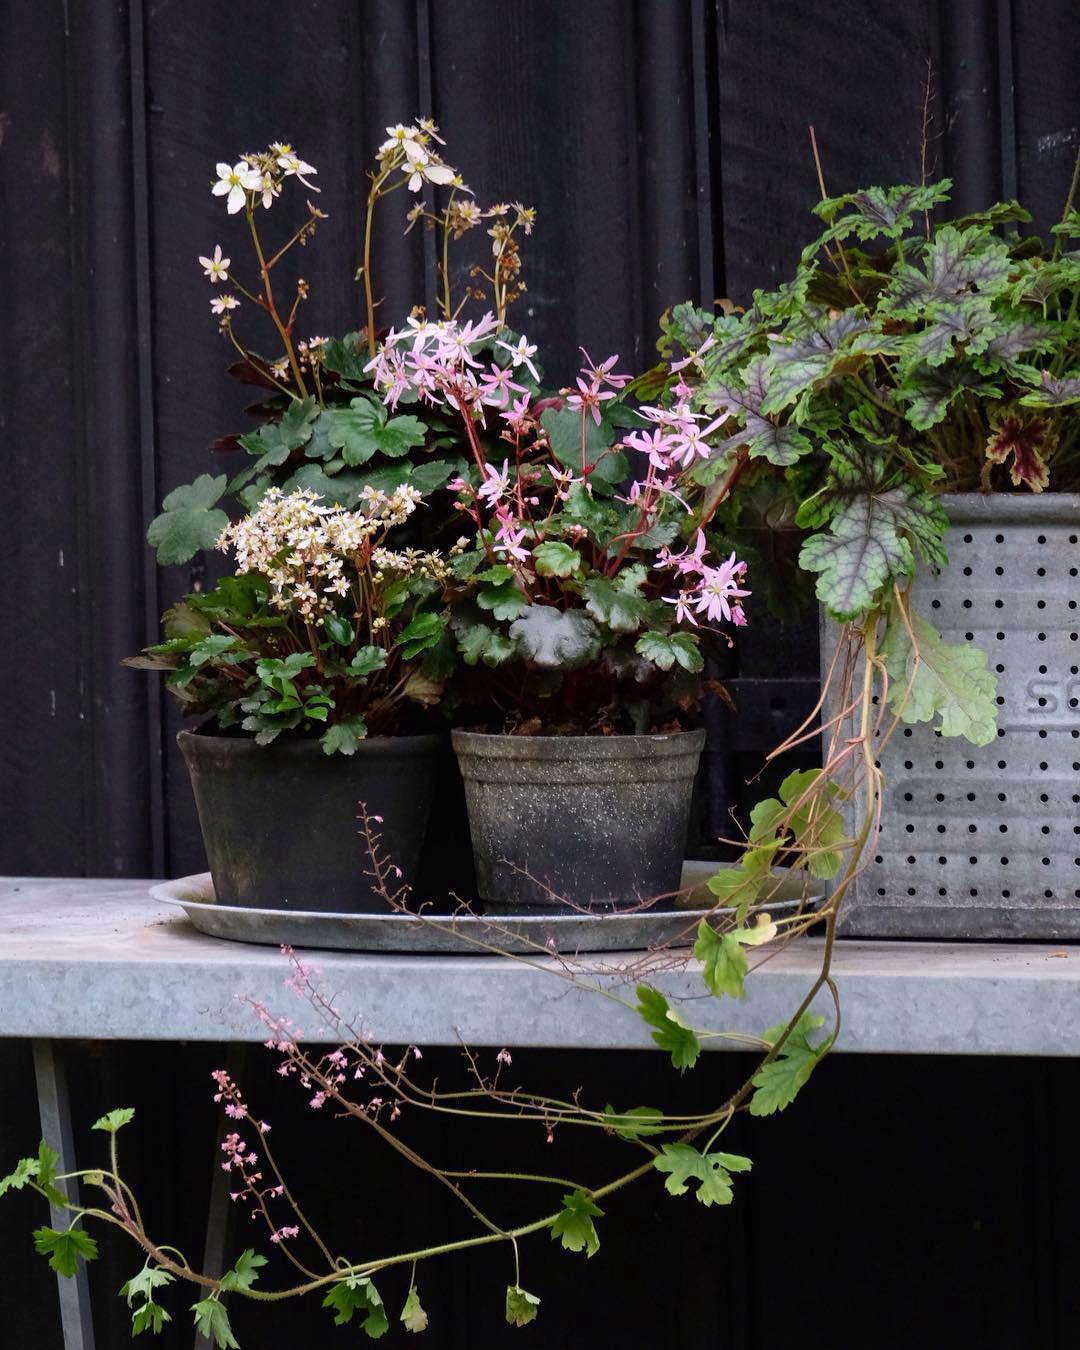 哈蕾和哈丽特在花园里看起来像个可爱的床。在世界上,世界上的一位花园,在荷兰的另一个世界上。卡特勒·斯汀斯。